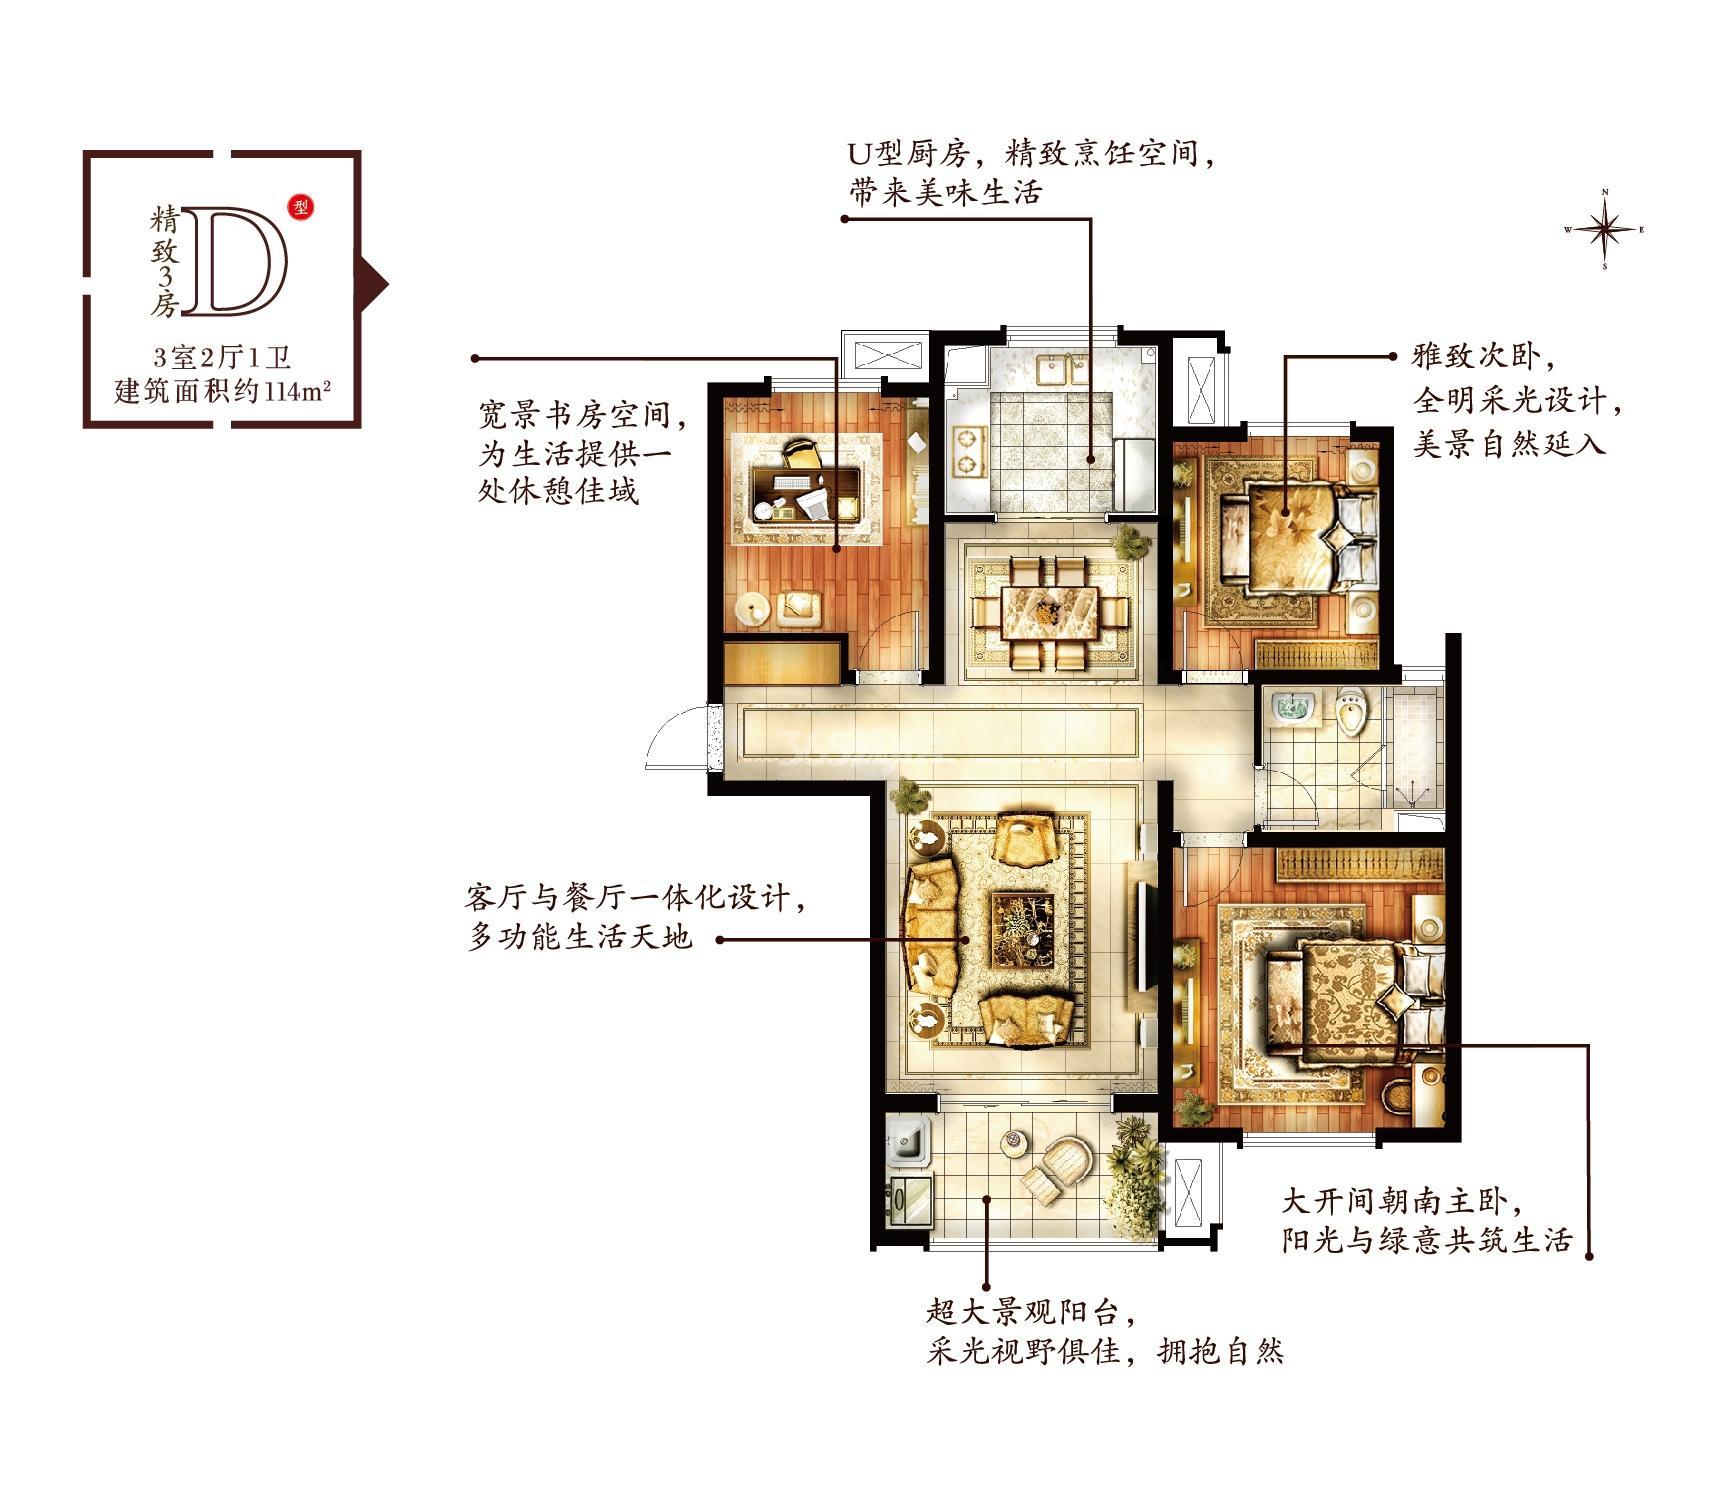 华润国际社区3期D户型114㎡